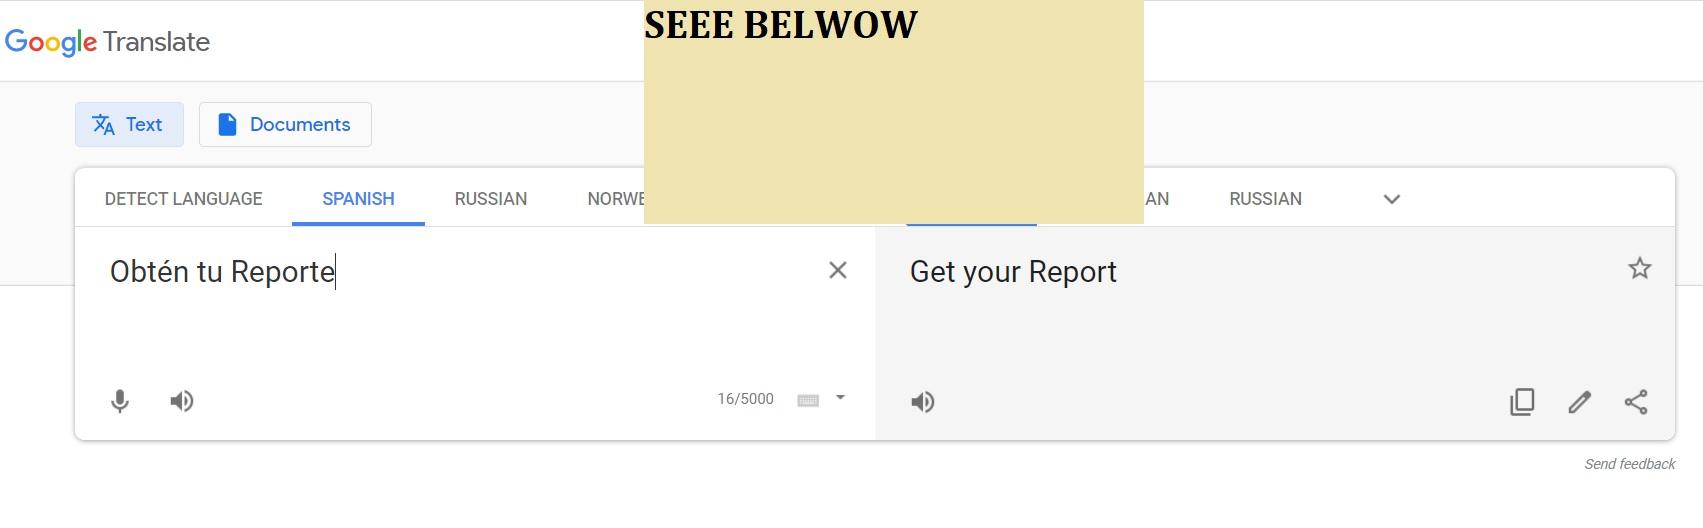 SEE BELOW